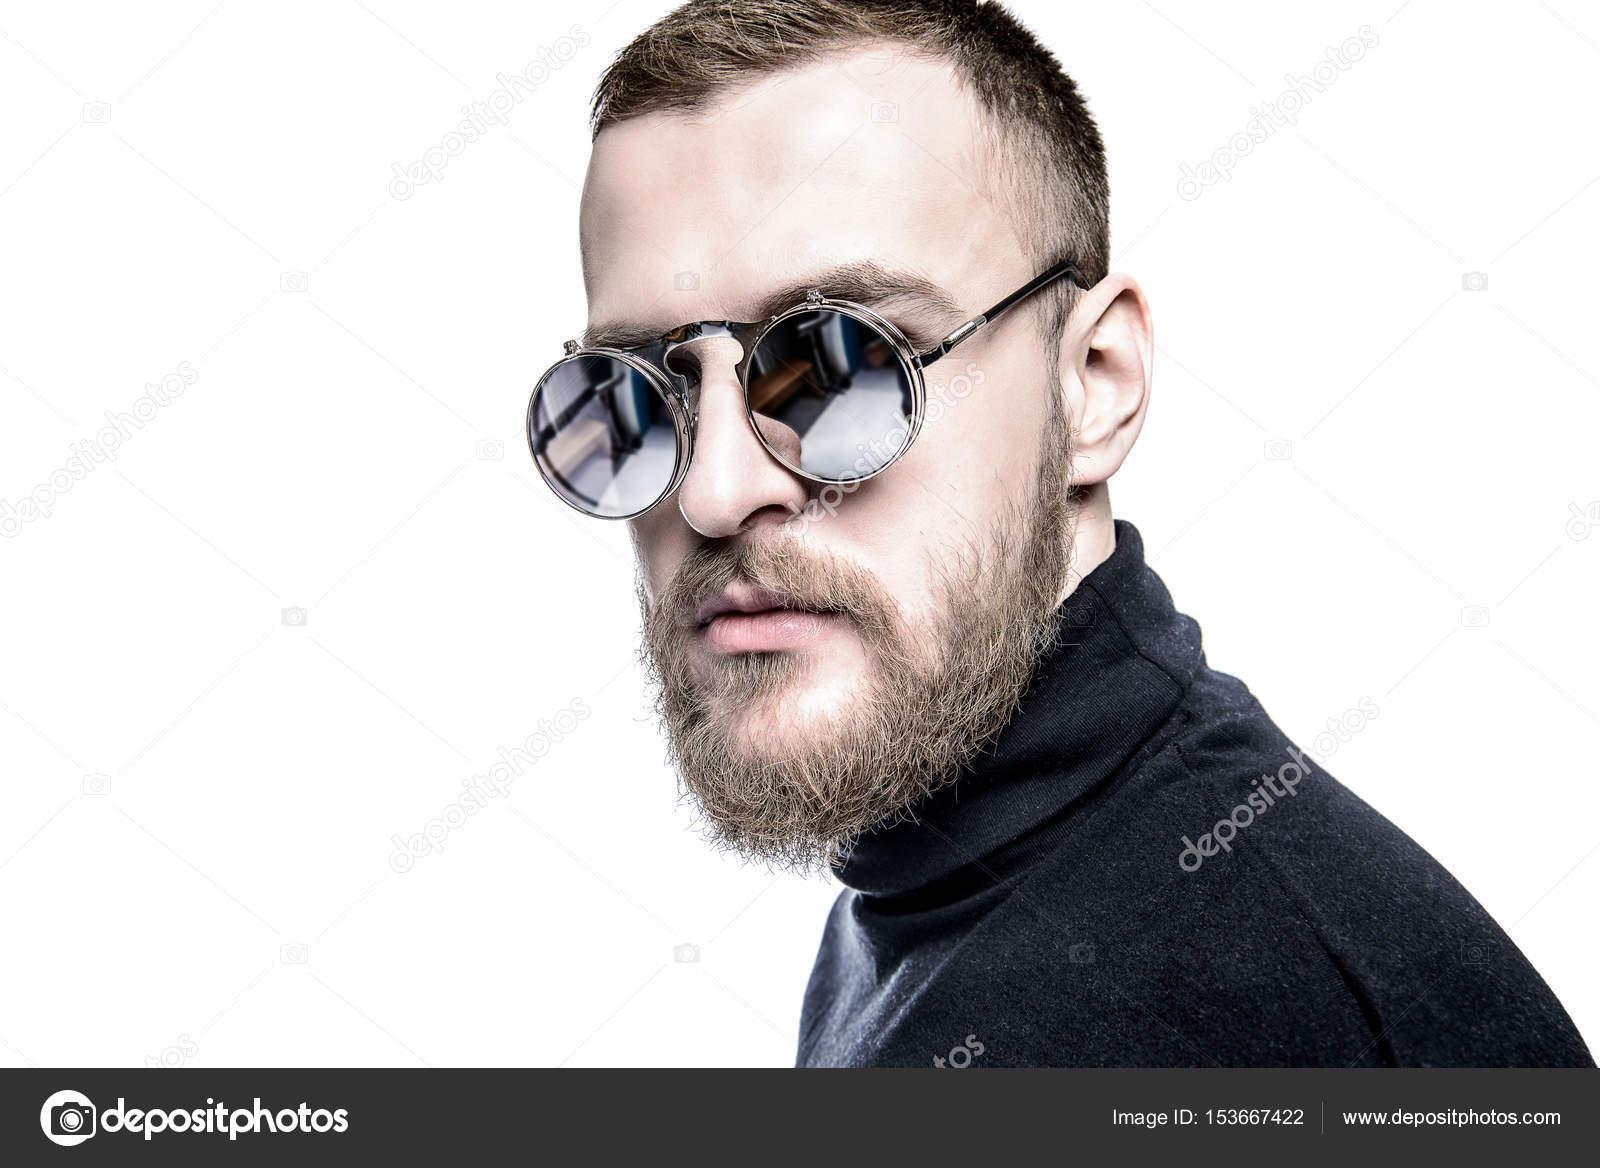 Uomo in occhiali da sole specchio foto stock prometeus 153667422 - Occhiali a specchio uomo ...